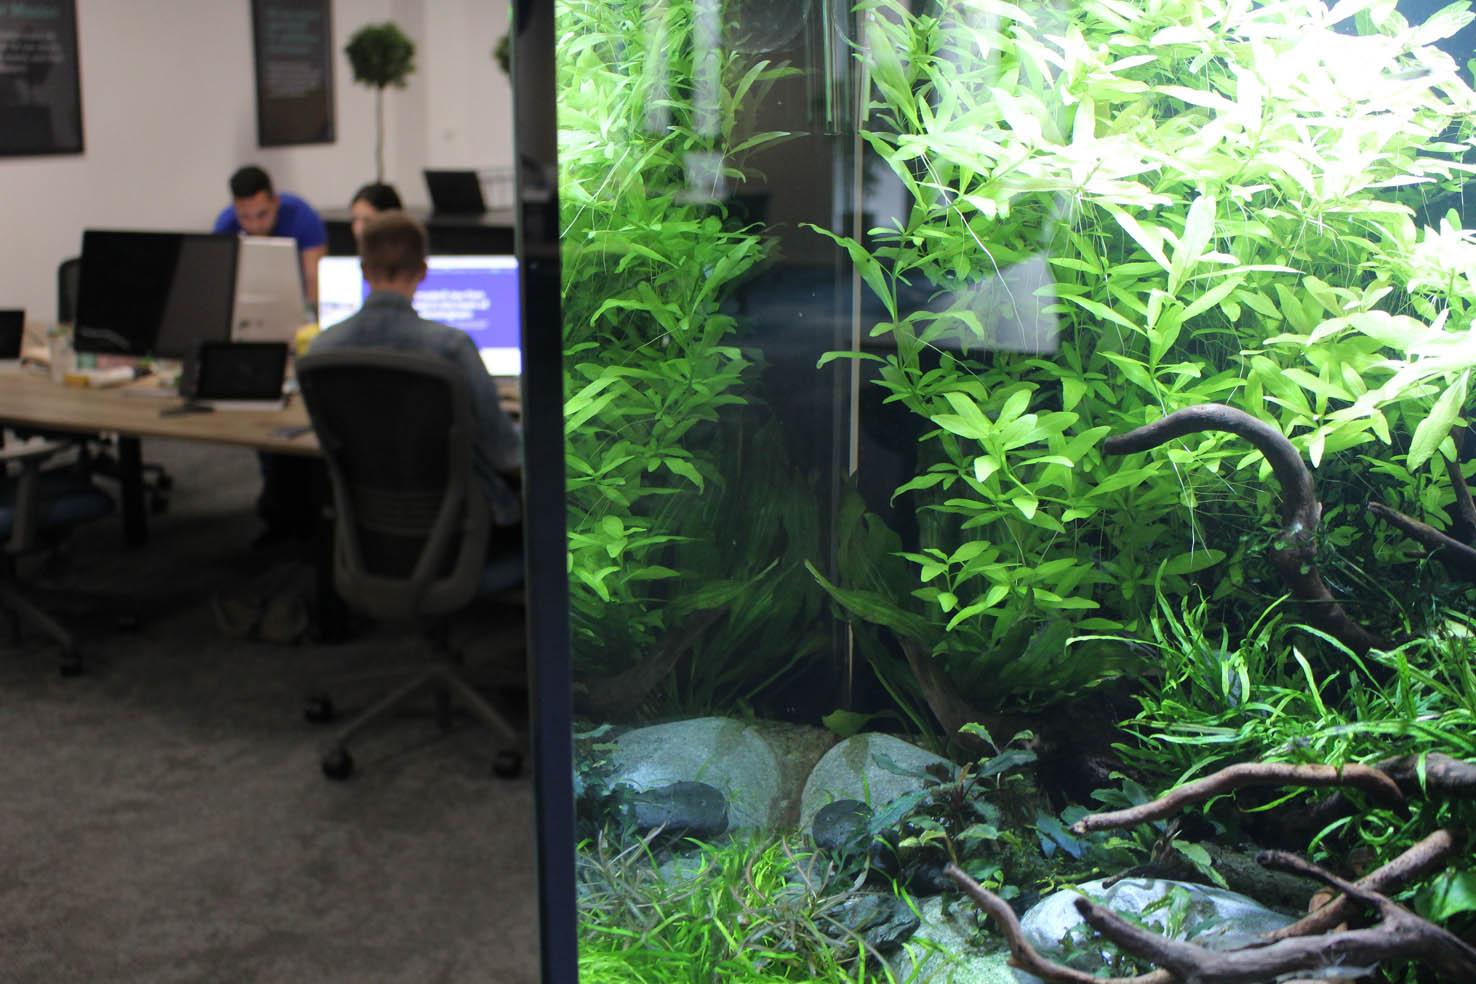 Bespoke office aquarium